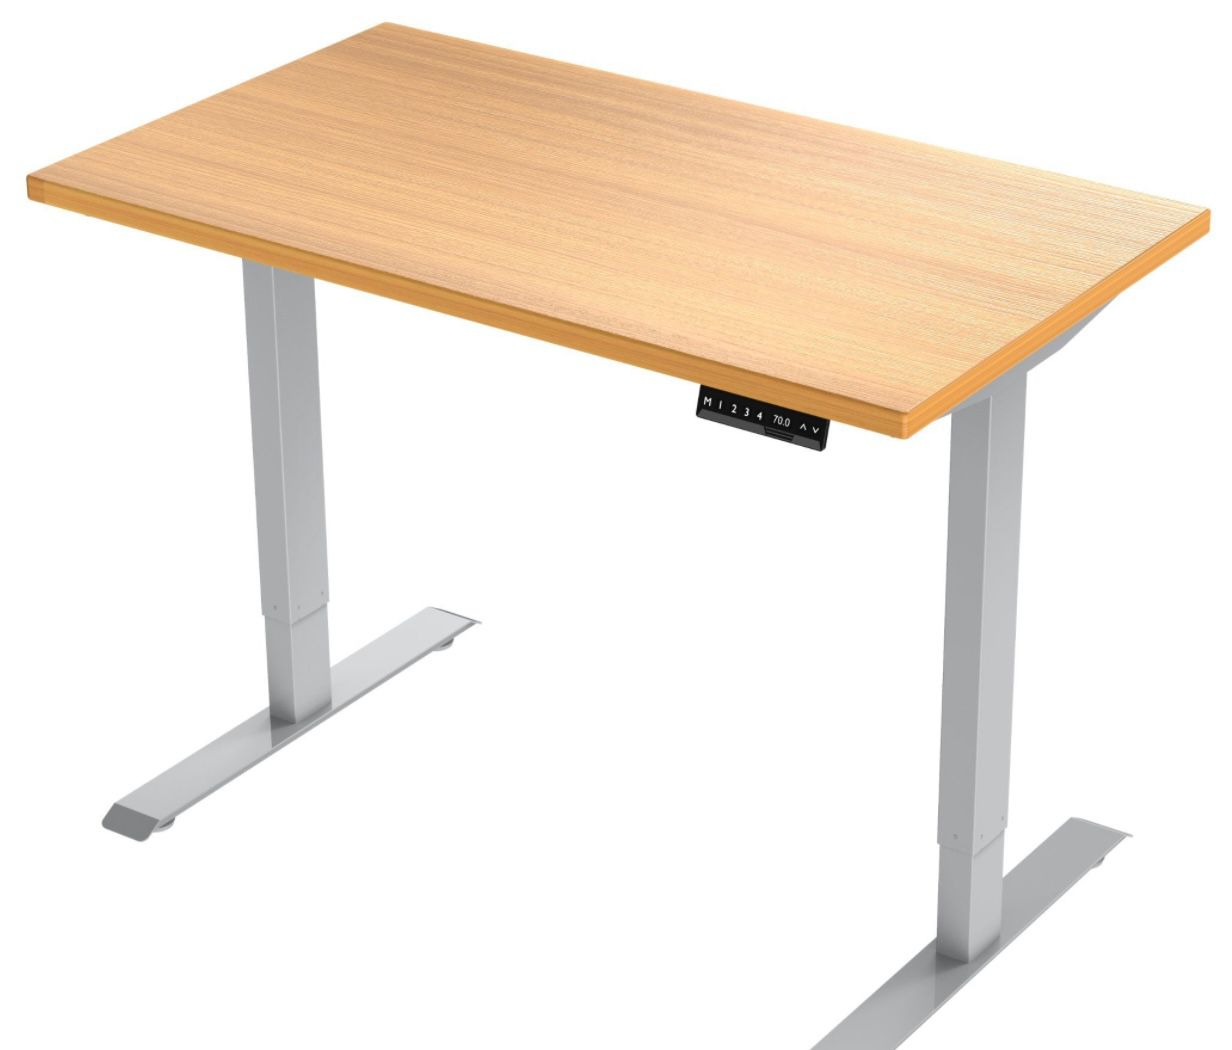 ergofino DT20 elektrisch höhenverstellbarer Schreibtisch inkl. 140x80 cm Tischplatte ab 339€ (statt 399€)